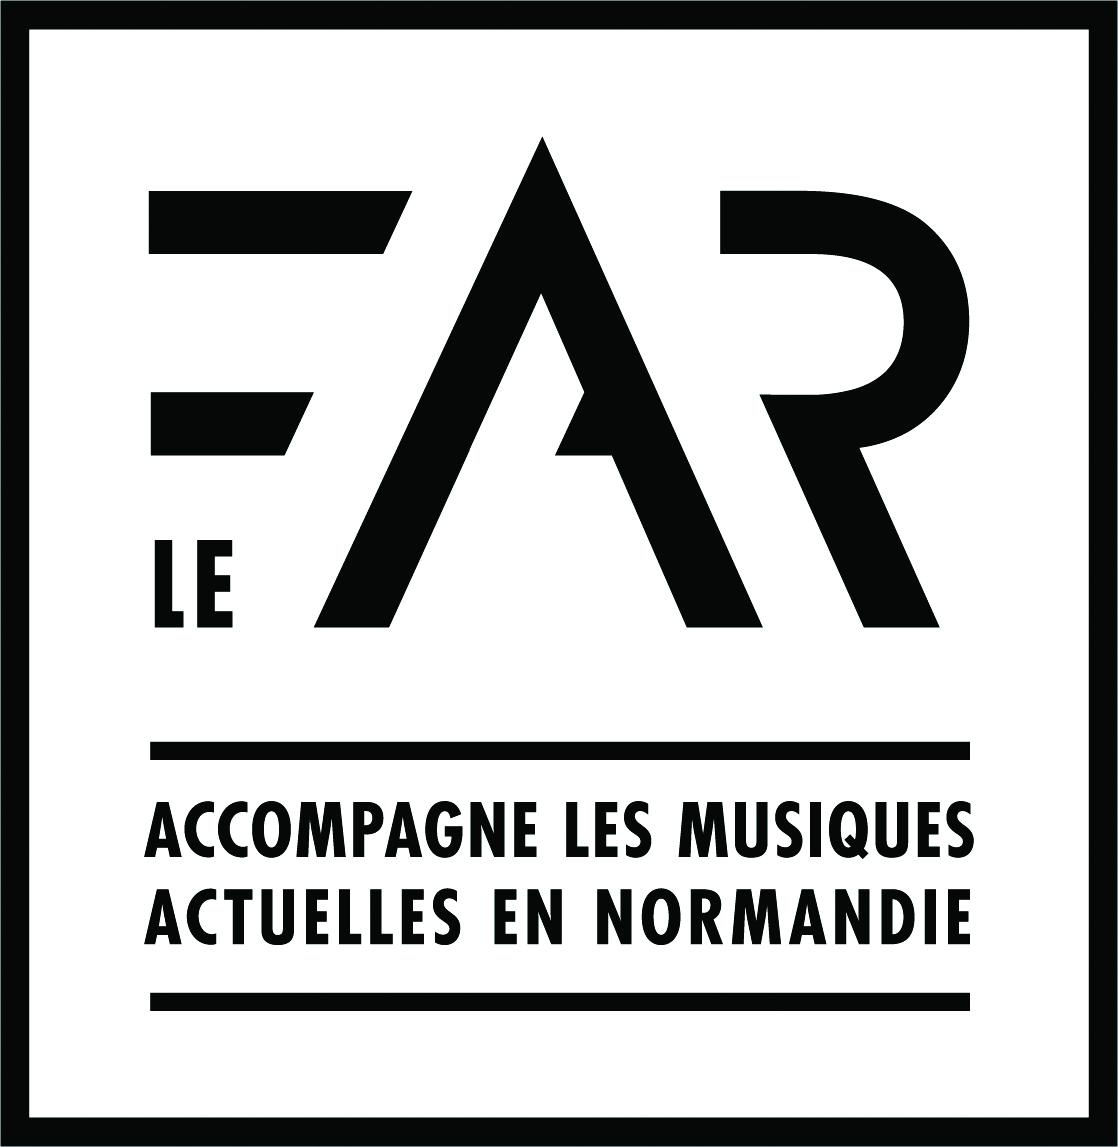 FAR-logo-VARIANTE2018-V4